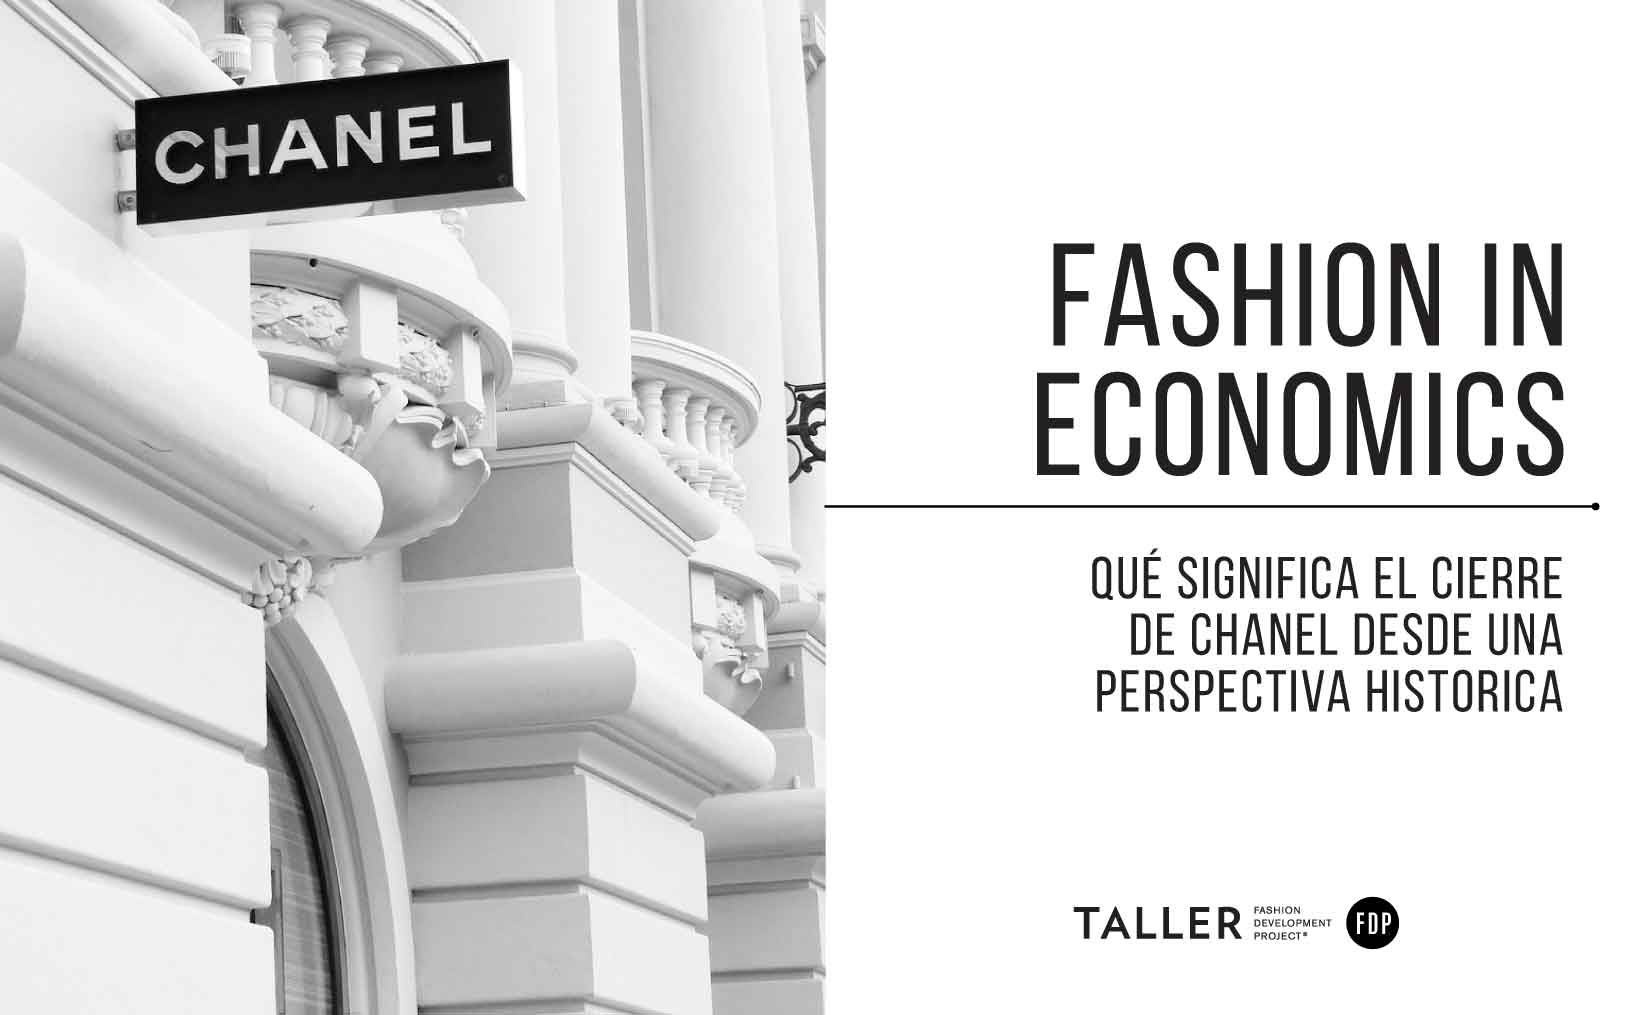 Qué significa el cierre de Chanel desde una perspectiva histórica.